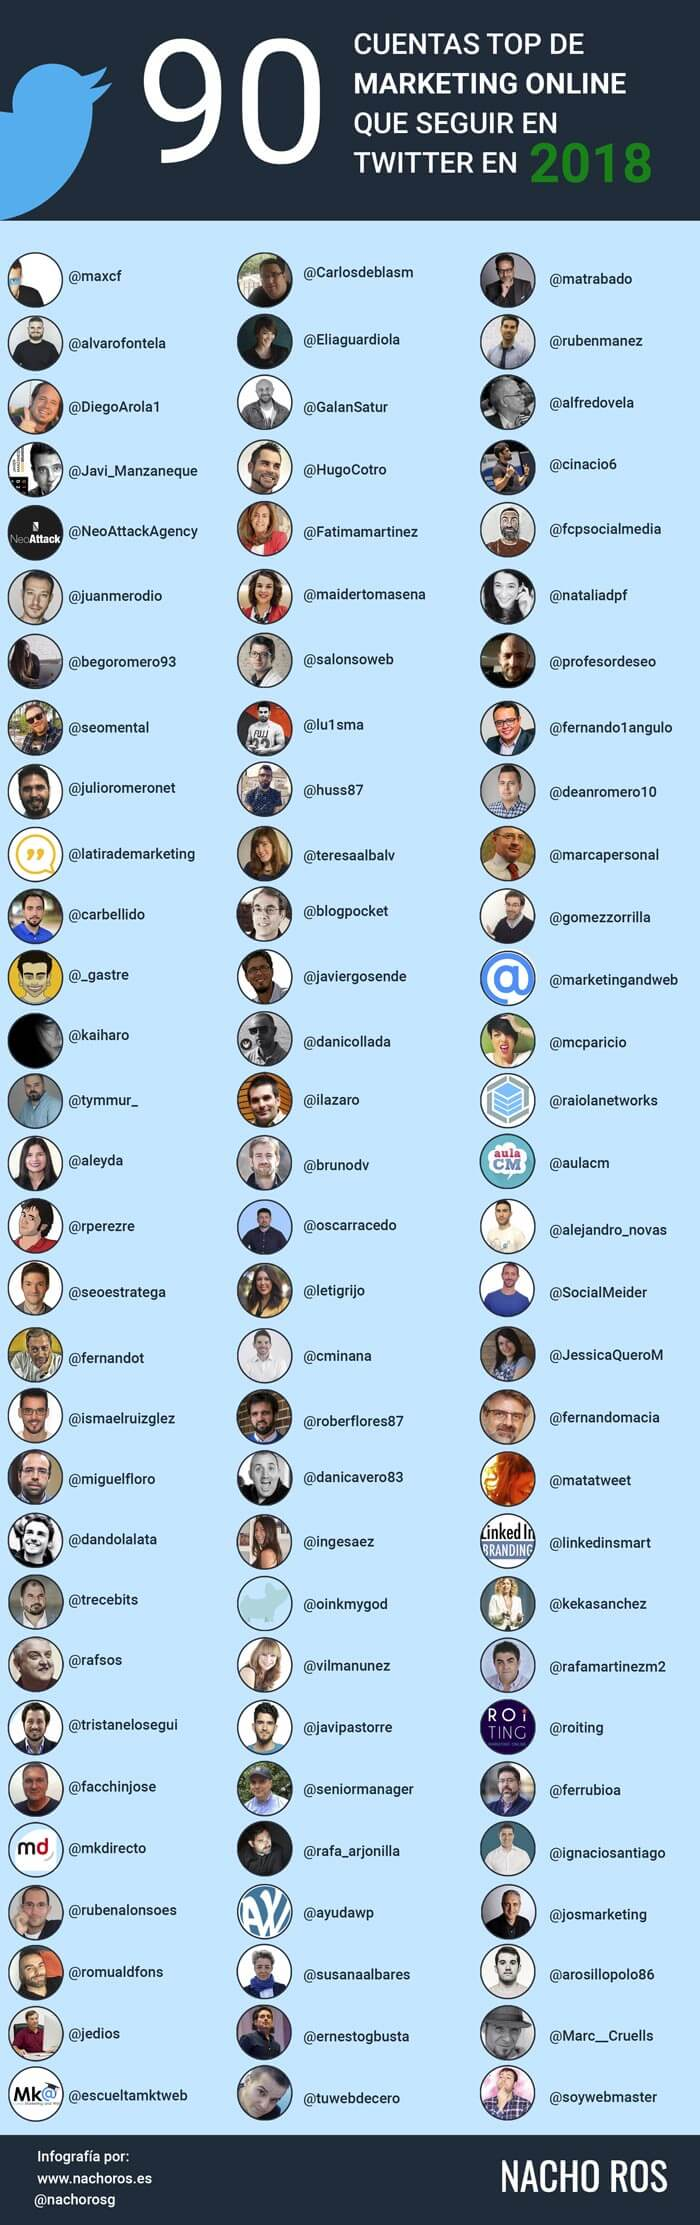 90 cuentas Top de marketing que seguir en Twitter